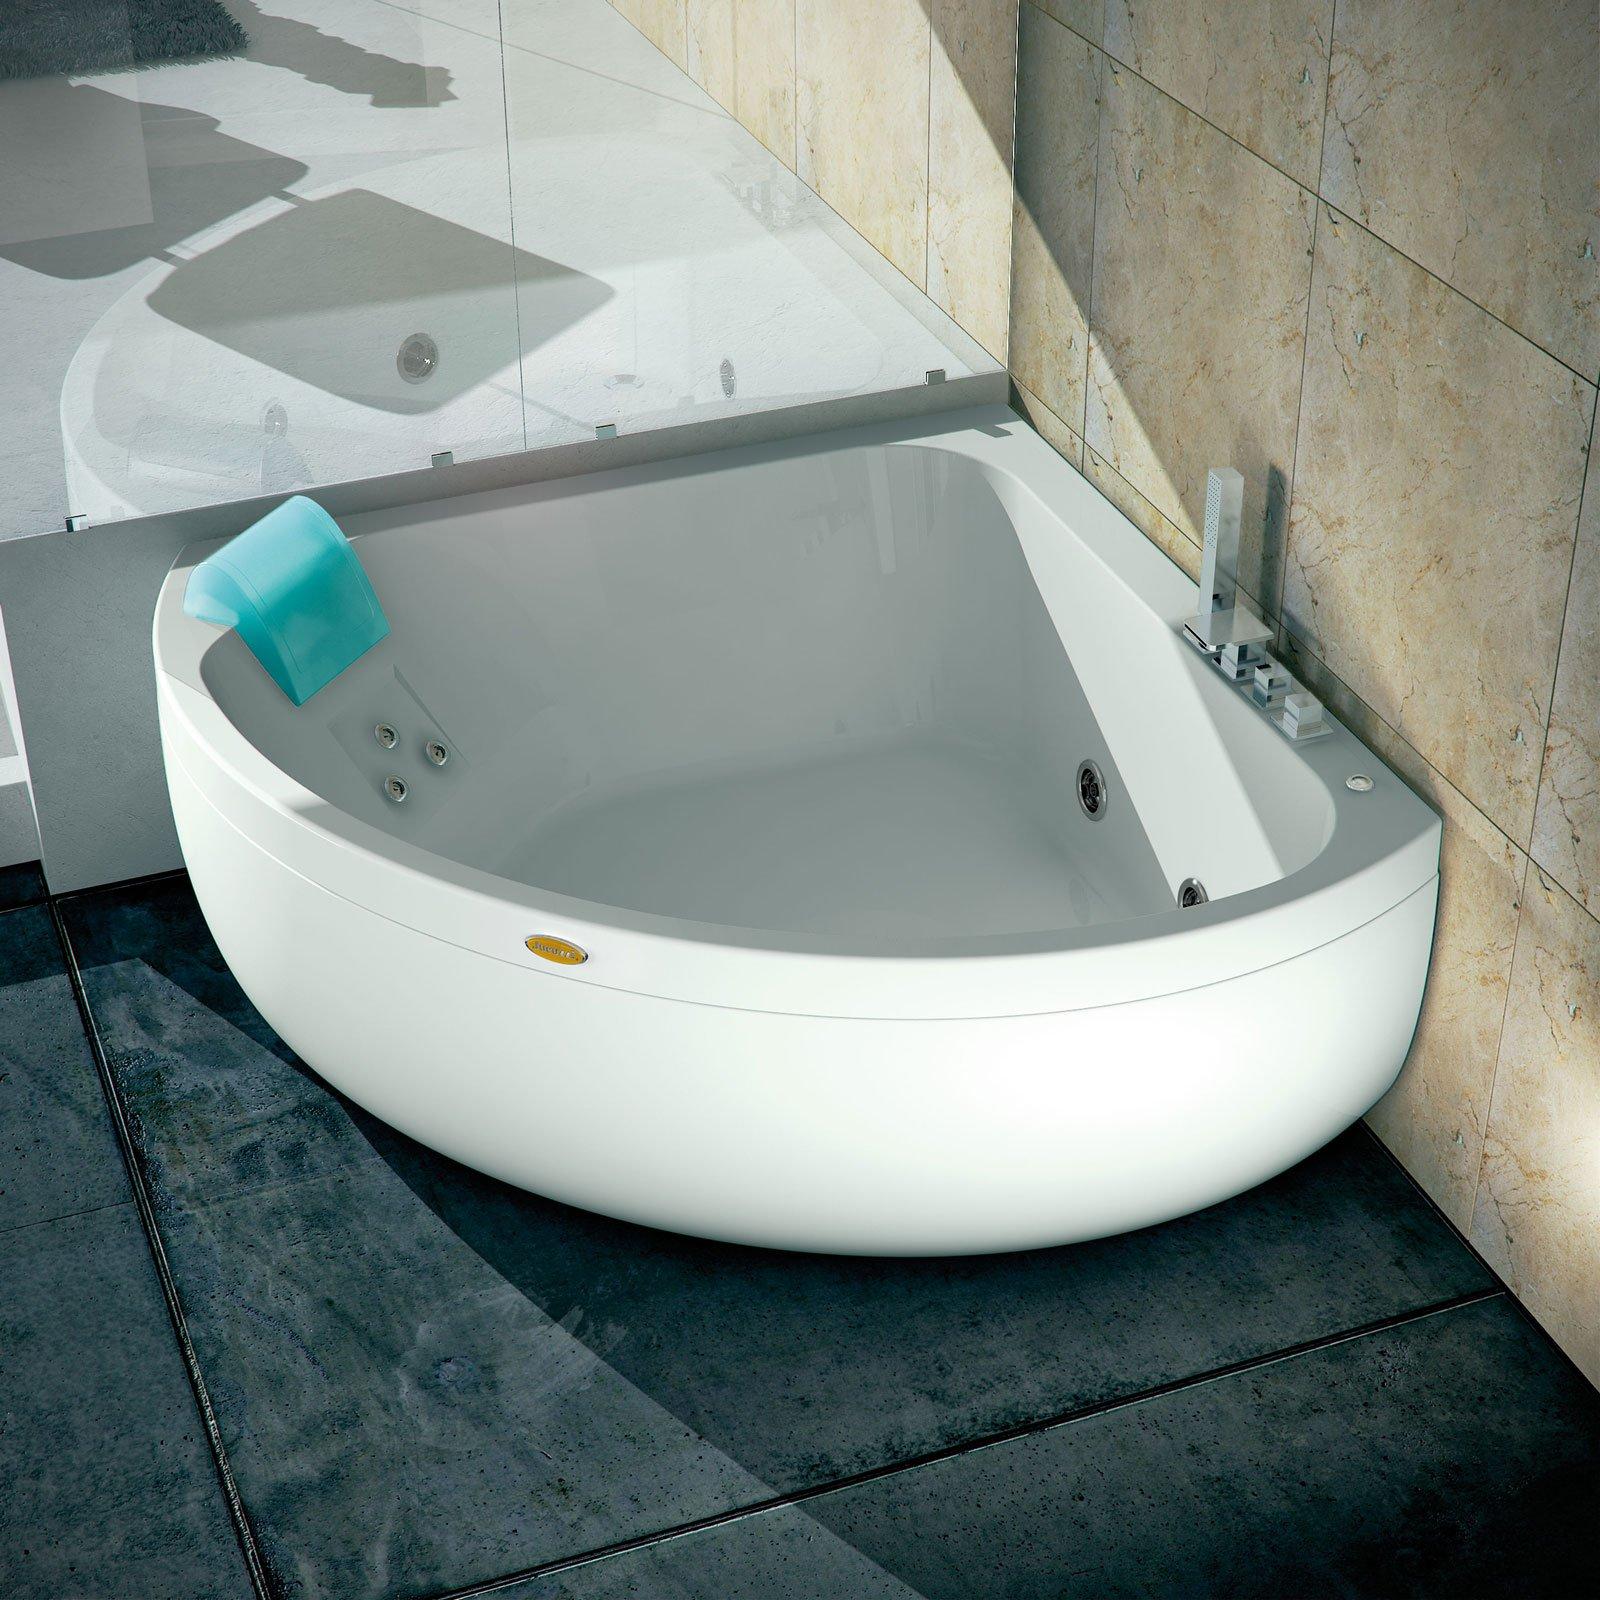 Vasche da bagno in acrilico leggere e antiscivolo hanno - Vasca da bagno angolare misure ...